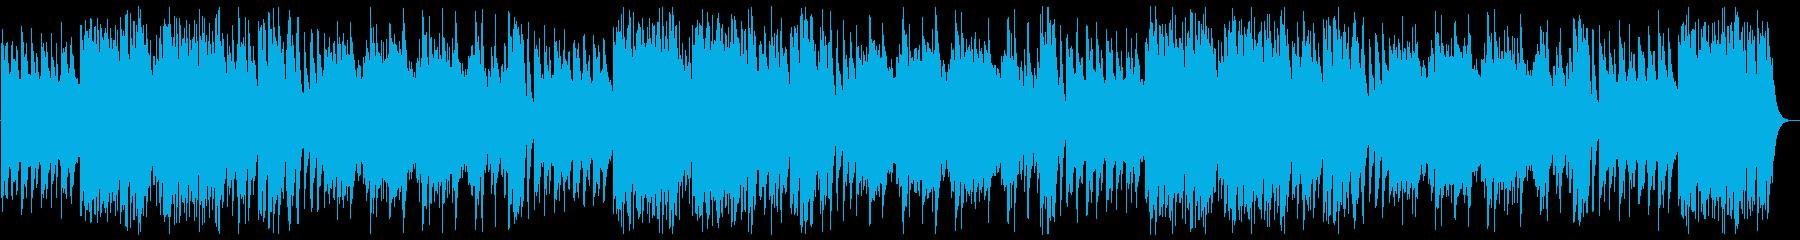 優しい音階のハンドベルのオルゴールの曲の再生済みの波形